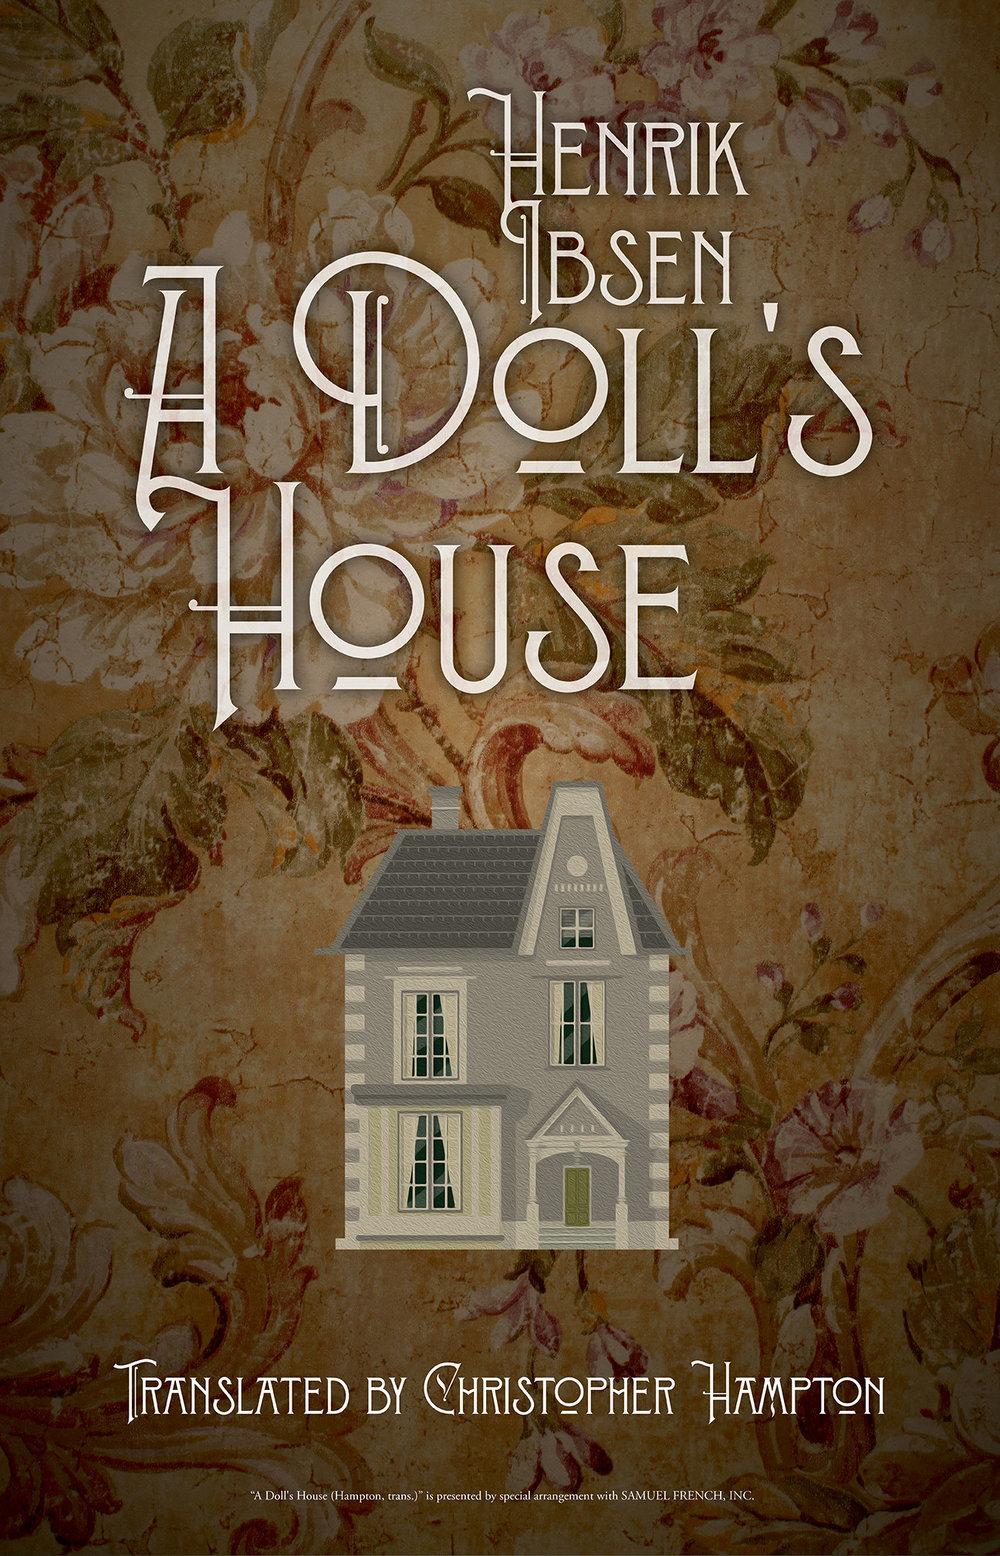 STU044_DollsHouse_Poster_0318-WEB.jpg